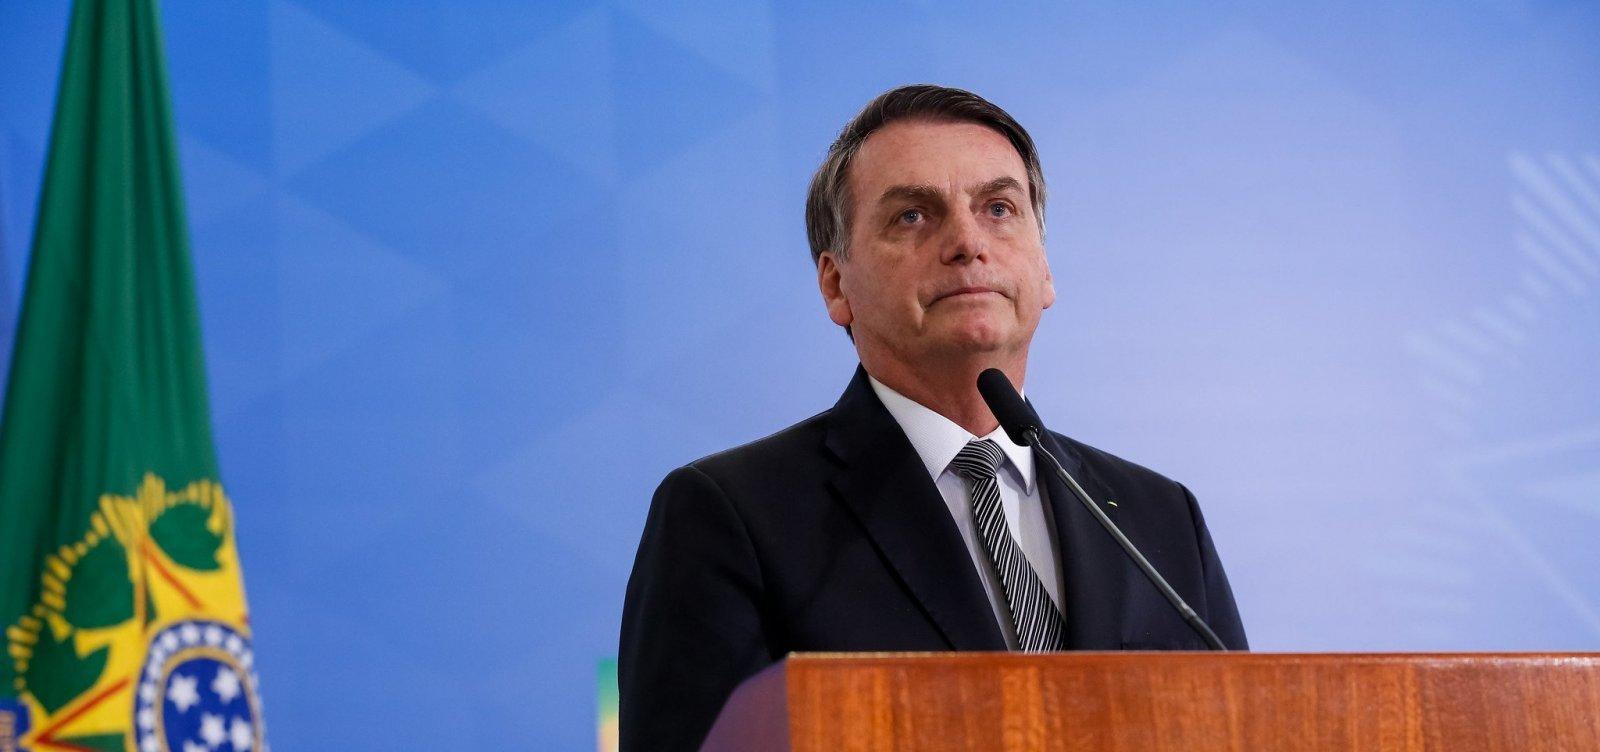 [Bolsonaro pede revogação de medida que excluiu atividades de MEI]